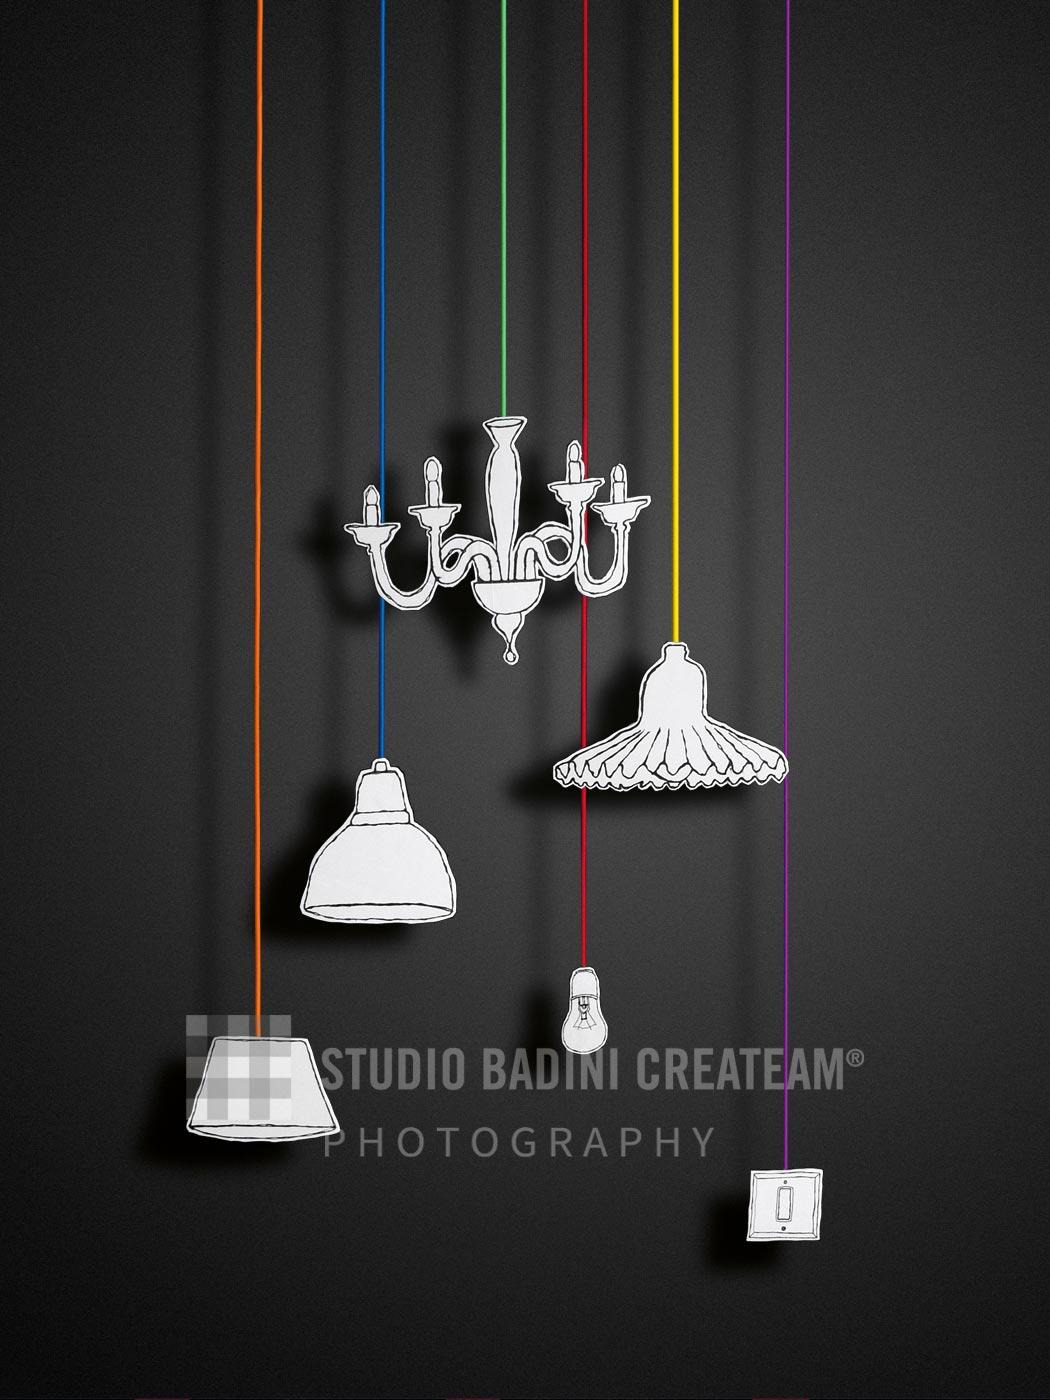 Badini Creative Studio - fotografia - seletti - philo